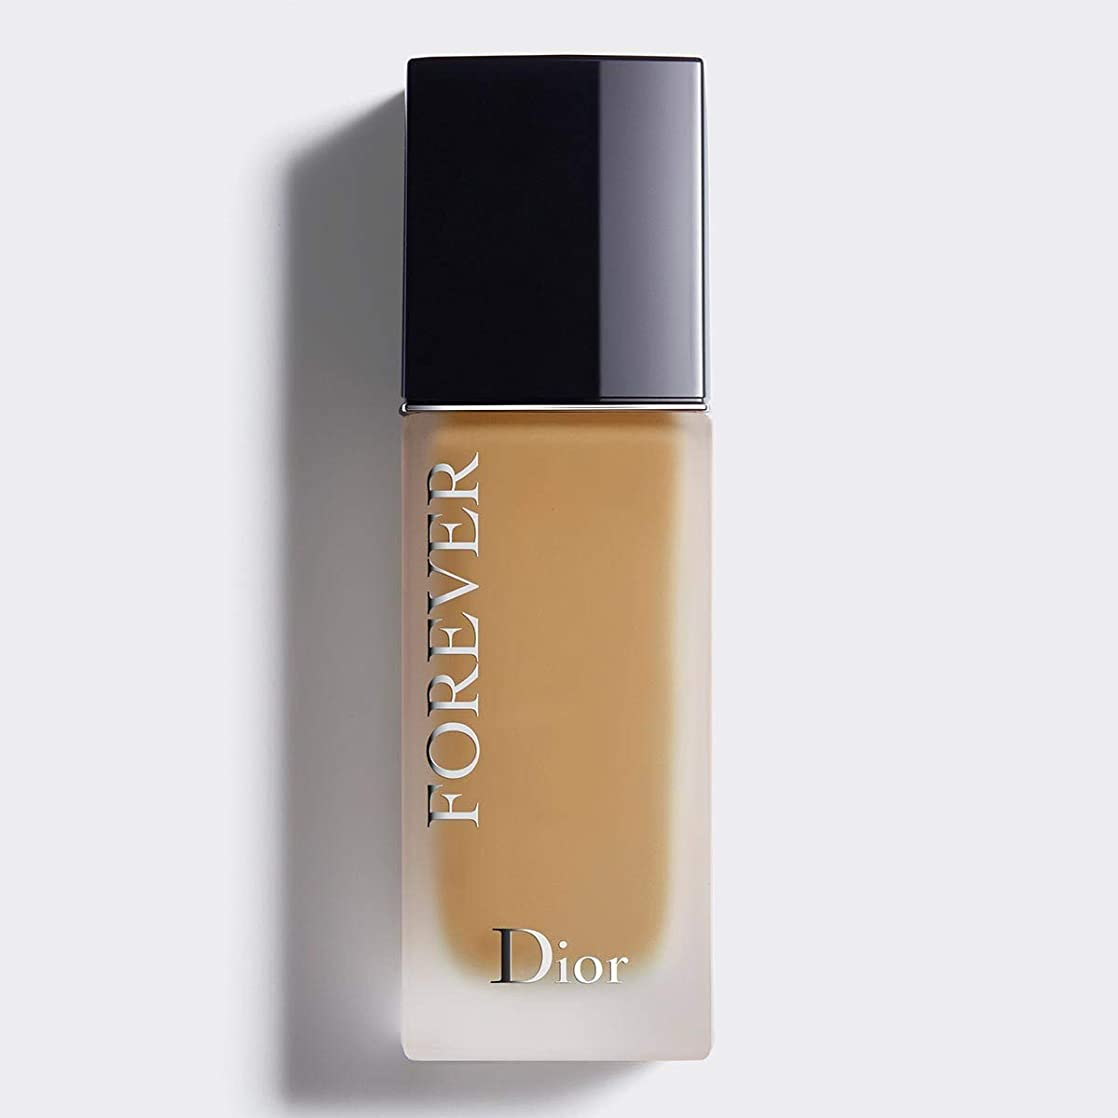 もっともらしいクリスマス強調するクリスチャンディオール Dior Forever 24H Wear High Perfection Foundation SPF 35 - # 4WO (Warm Olive) 30ml/1oz並行輸入品